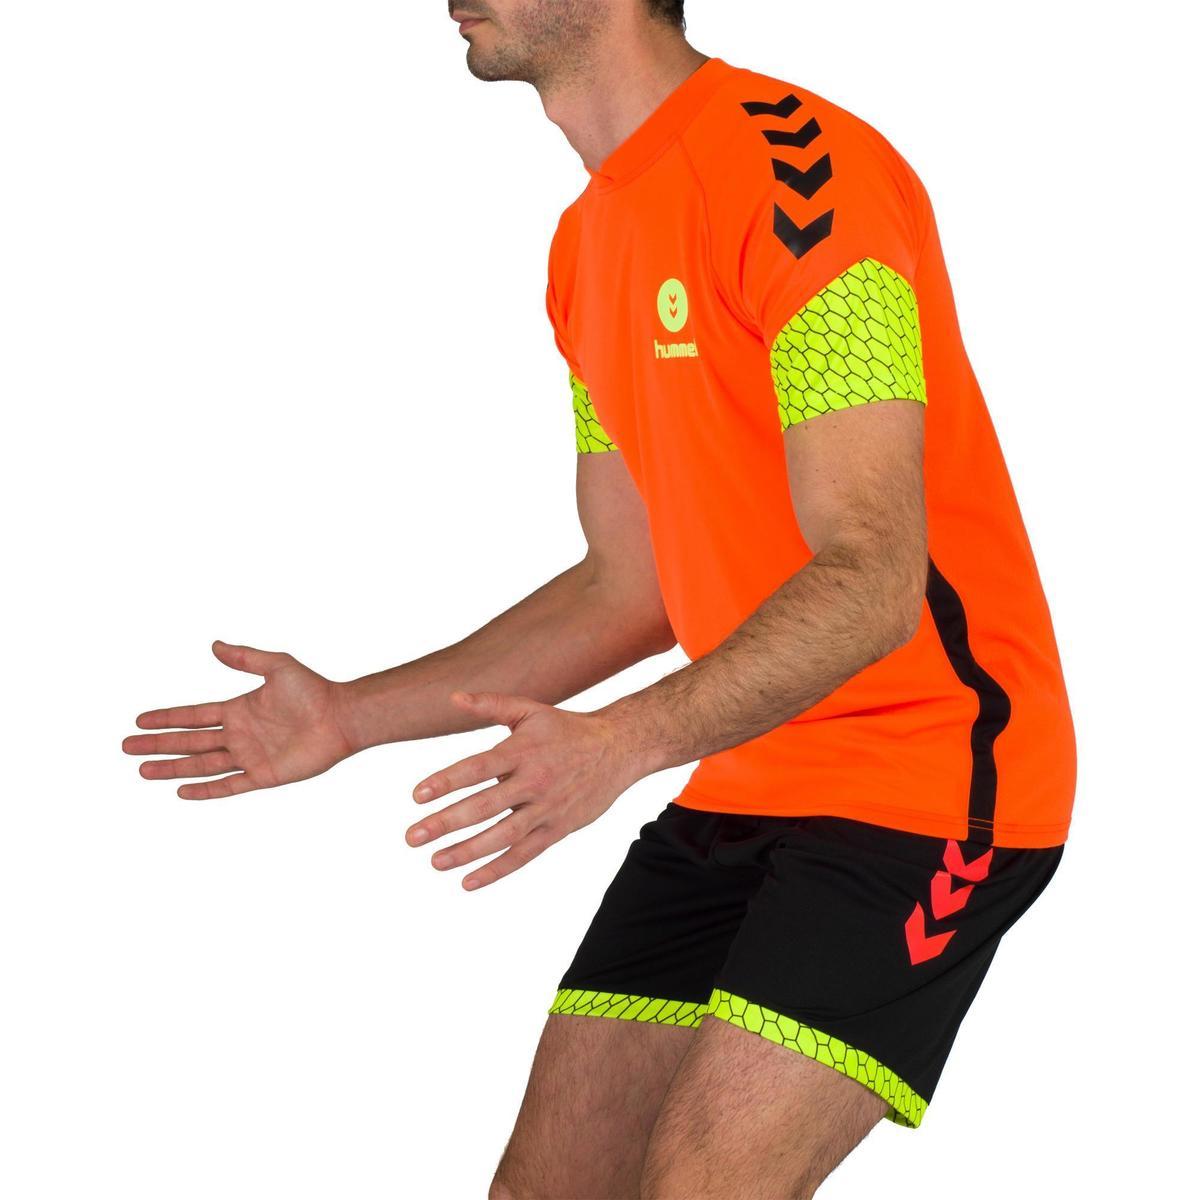 Bild 5 von Handball-Shorts Herren schwarz/orange/gelb